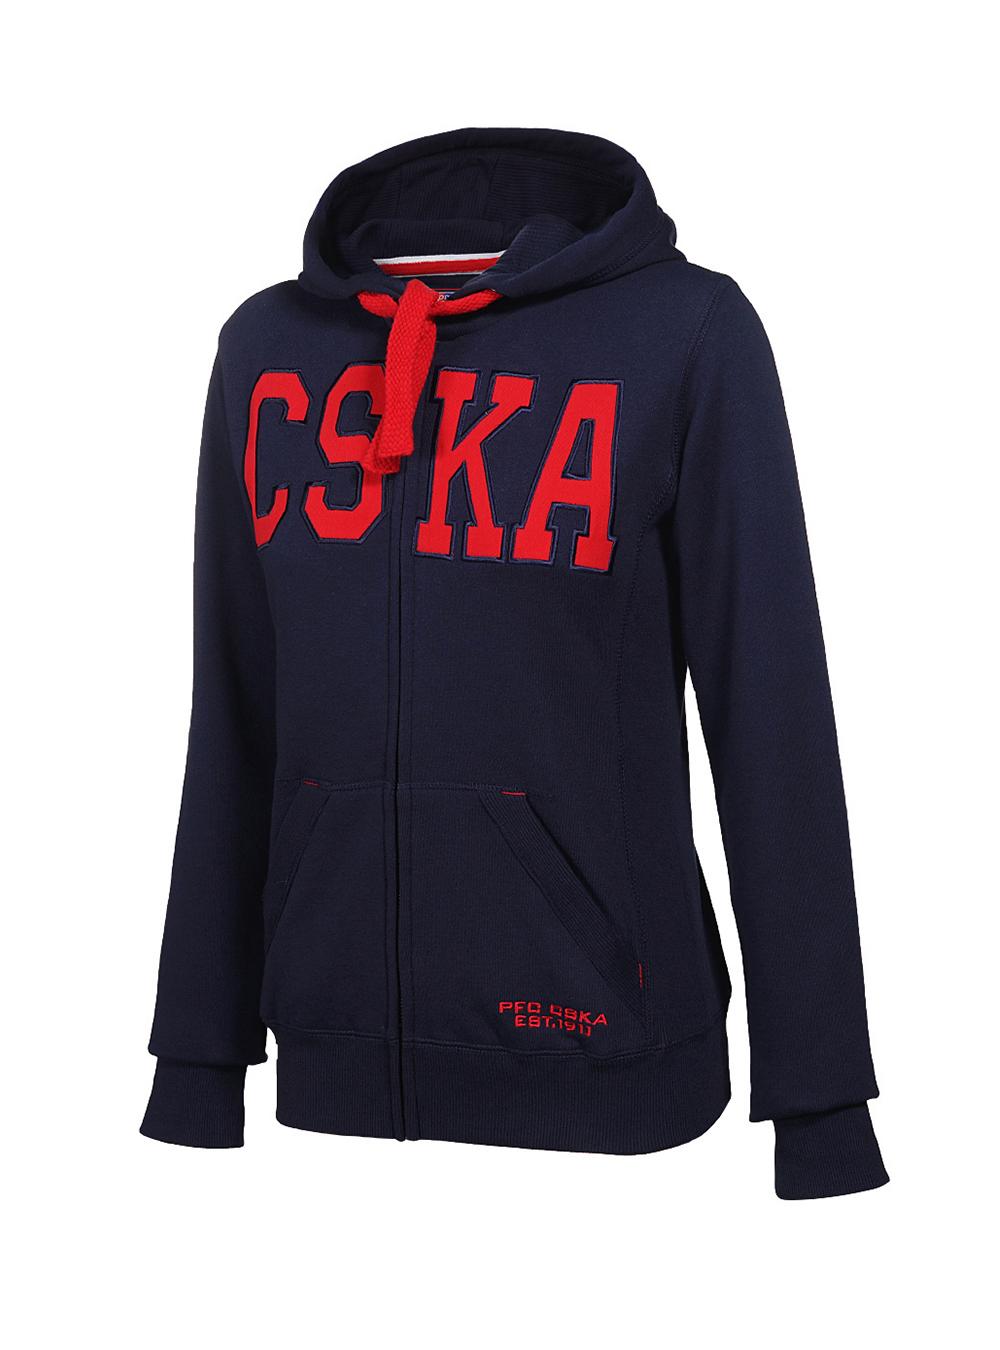 Толстовка CSKA женская, цвет синий (M) фото